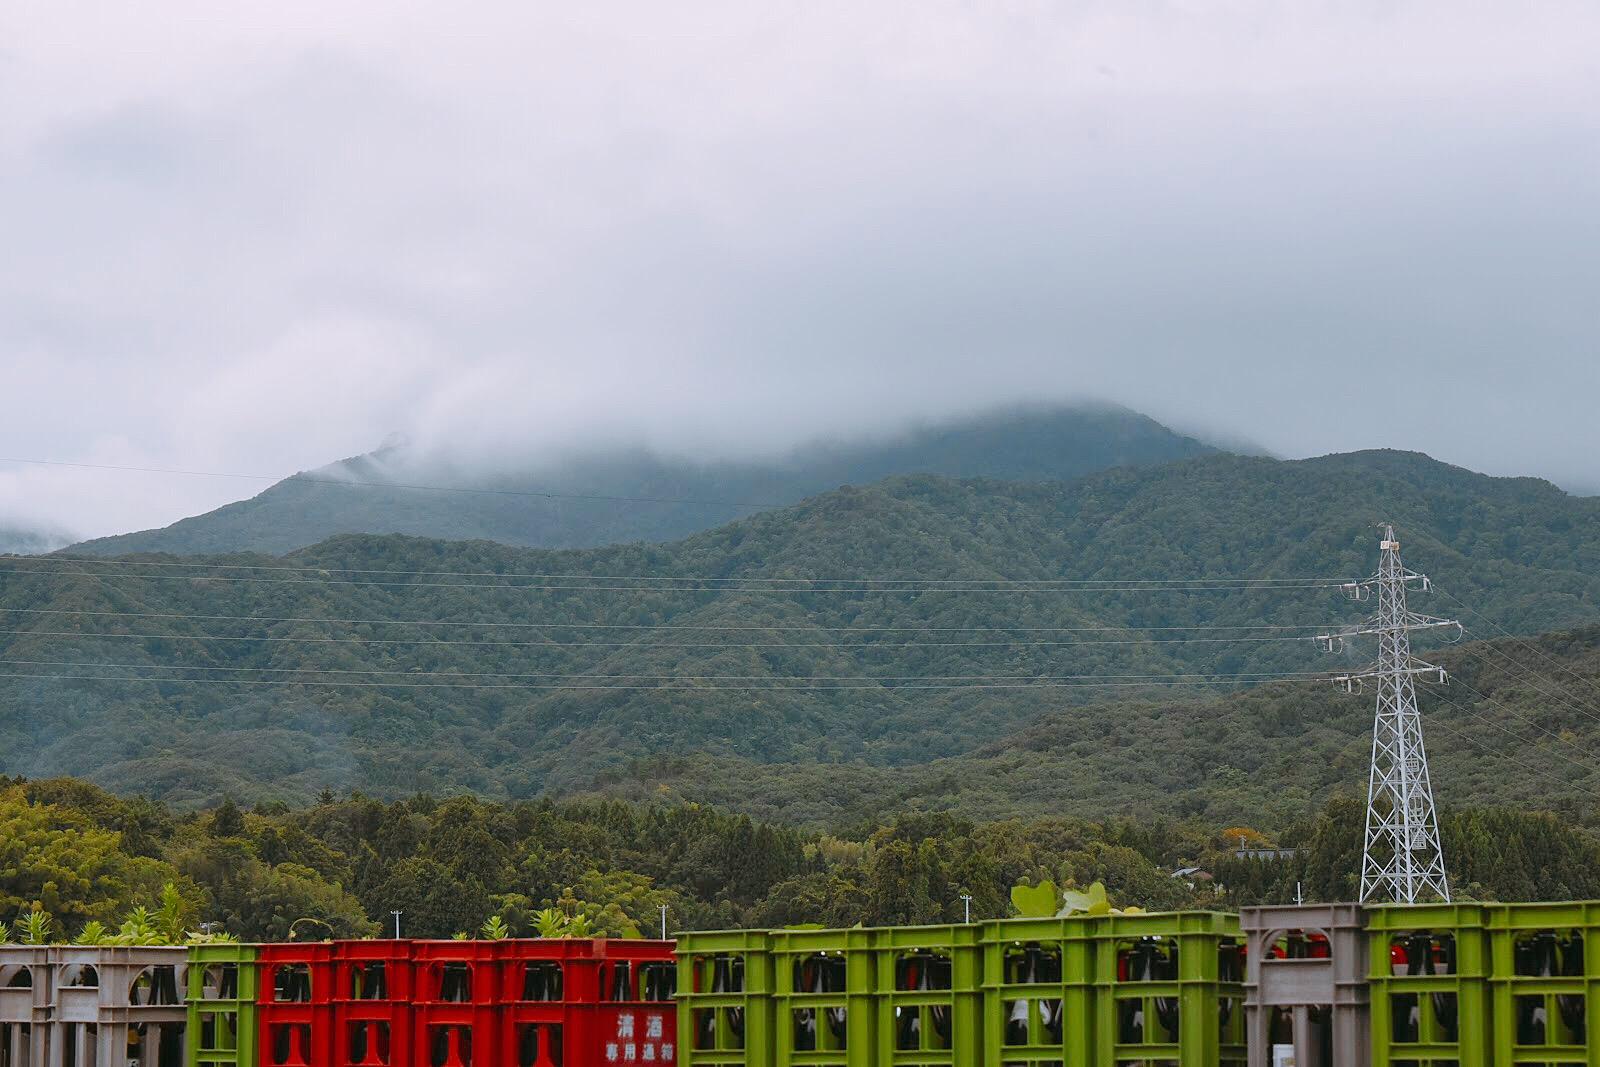 あいにくの曇り空でしたが、綺麗な山肌でした